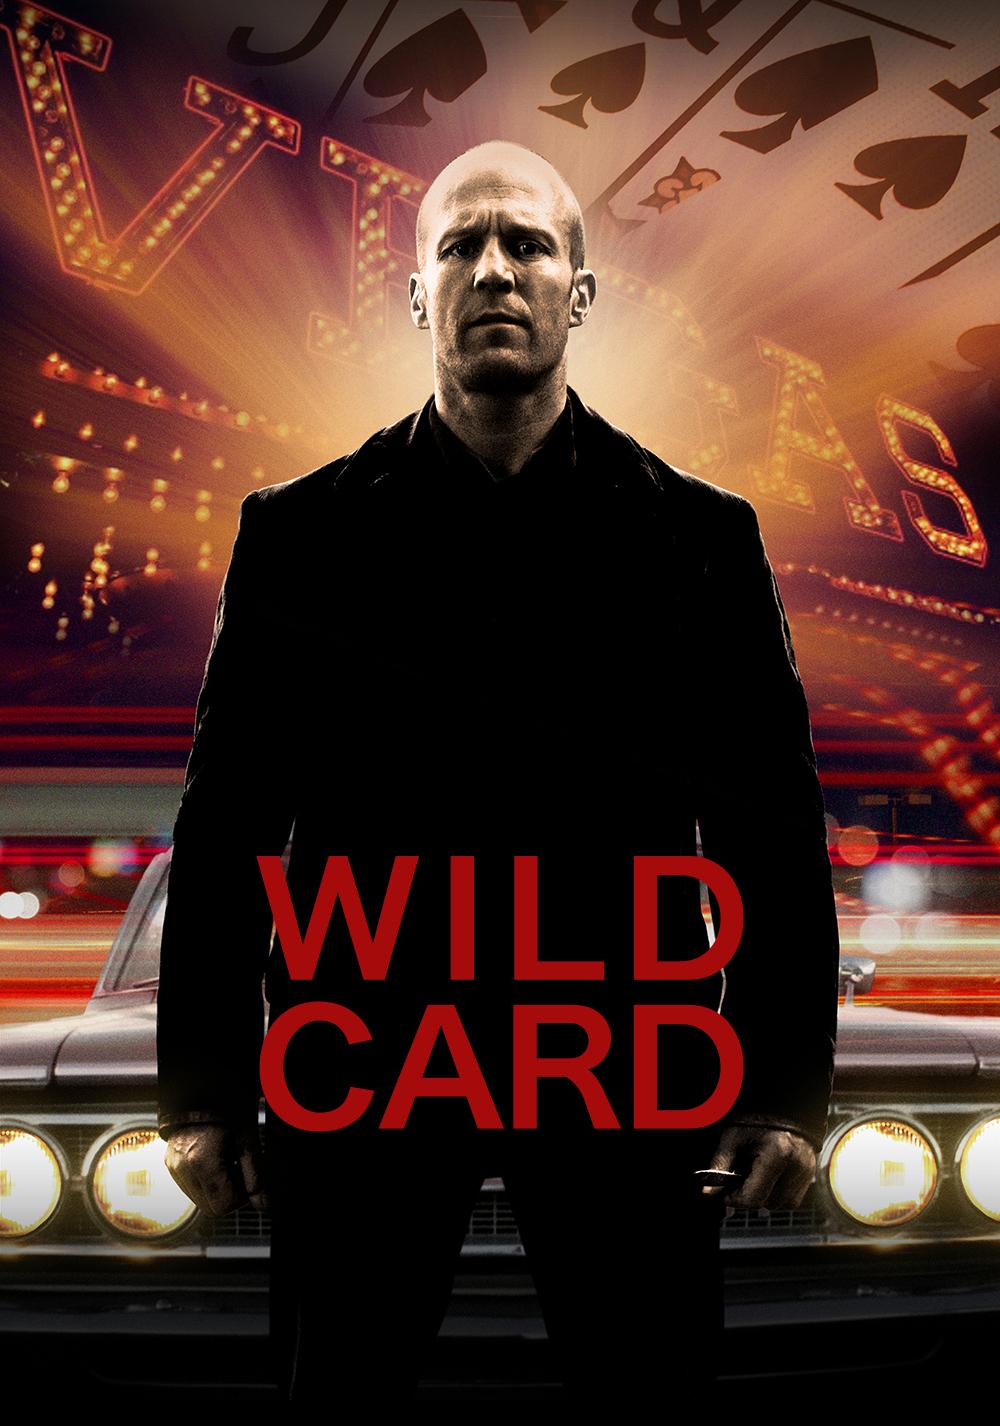 Wild card movie